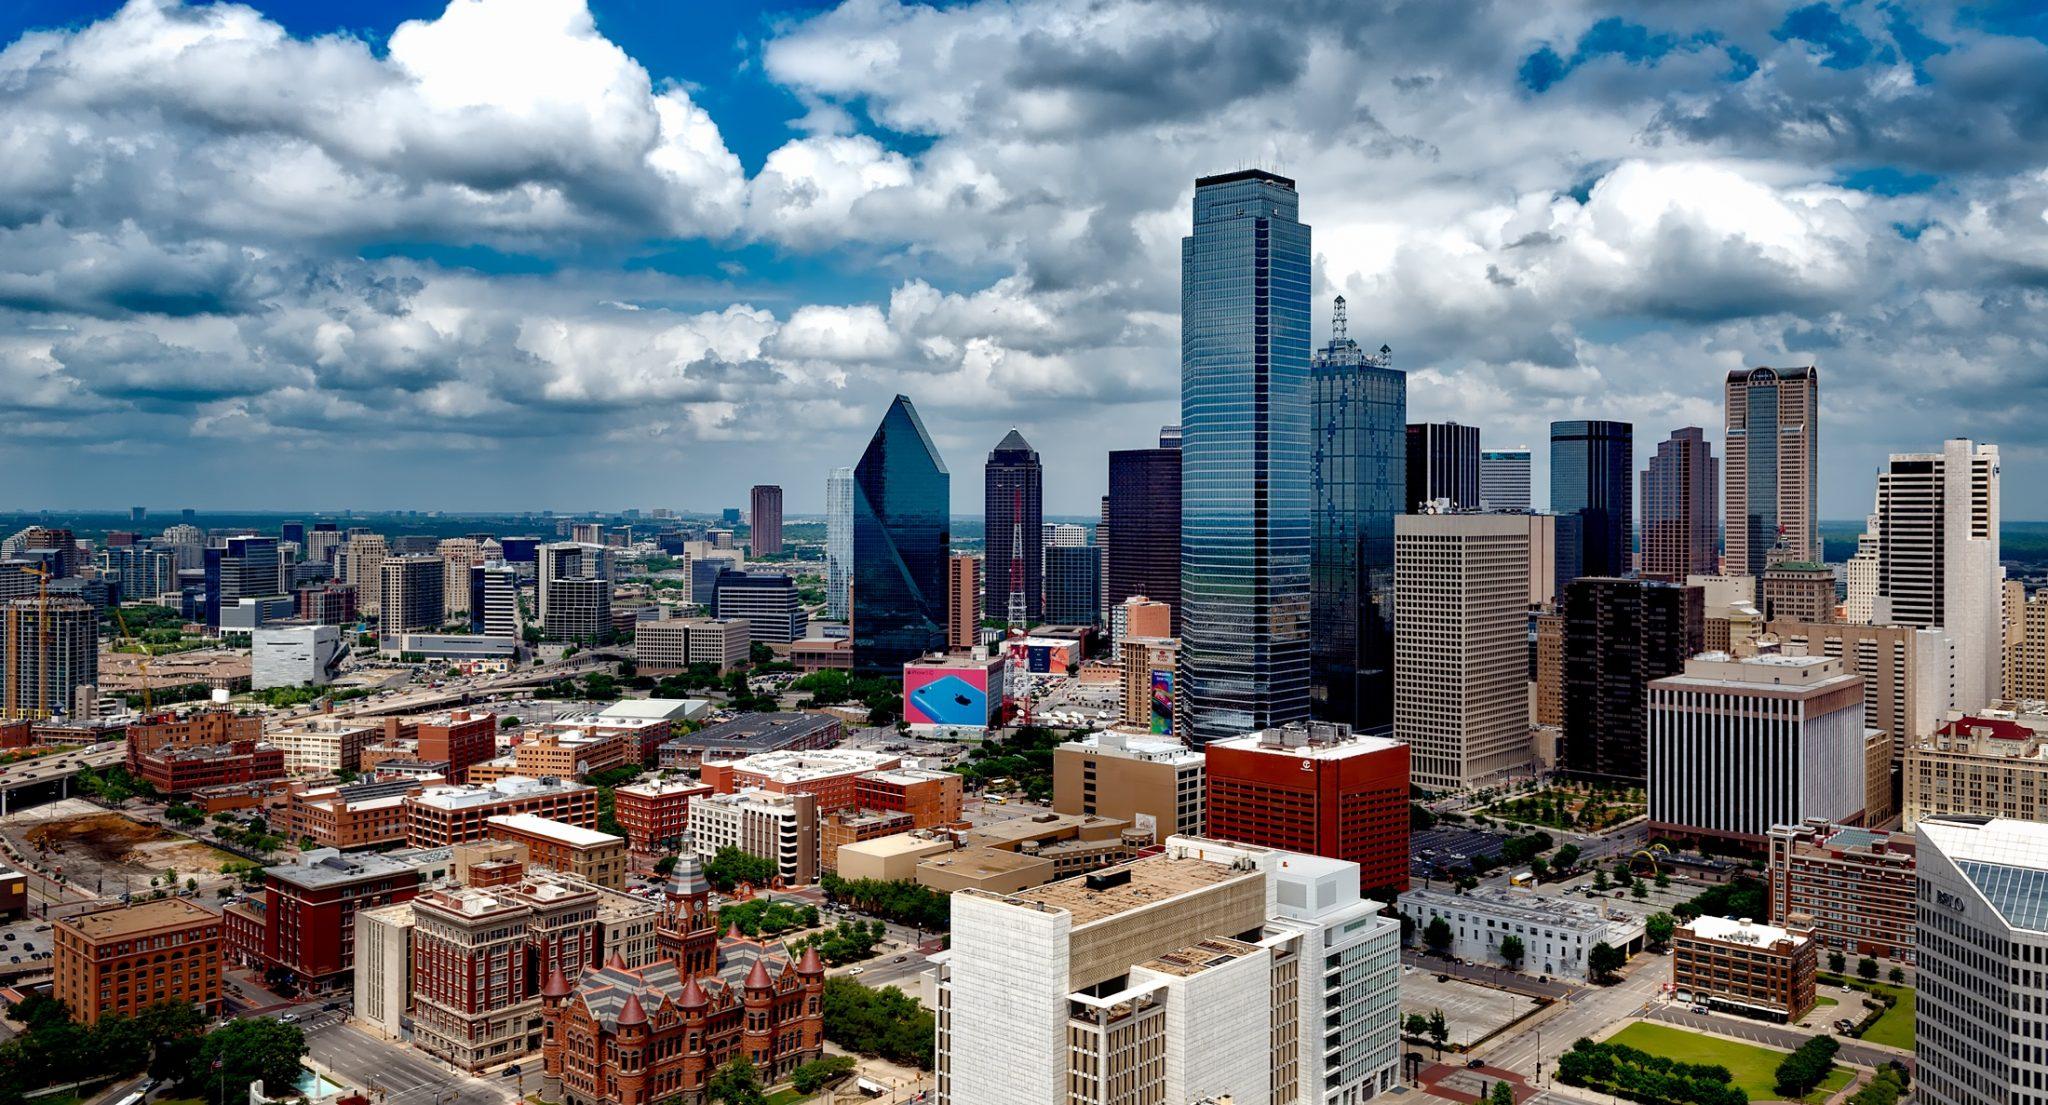 Skyline Cityscape of Dallas, Texas